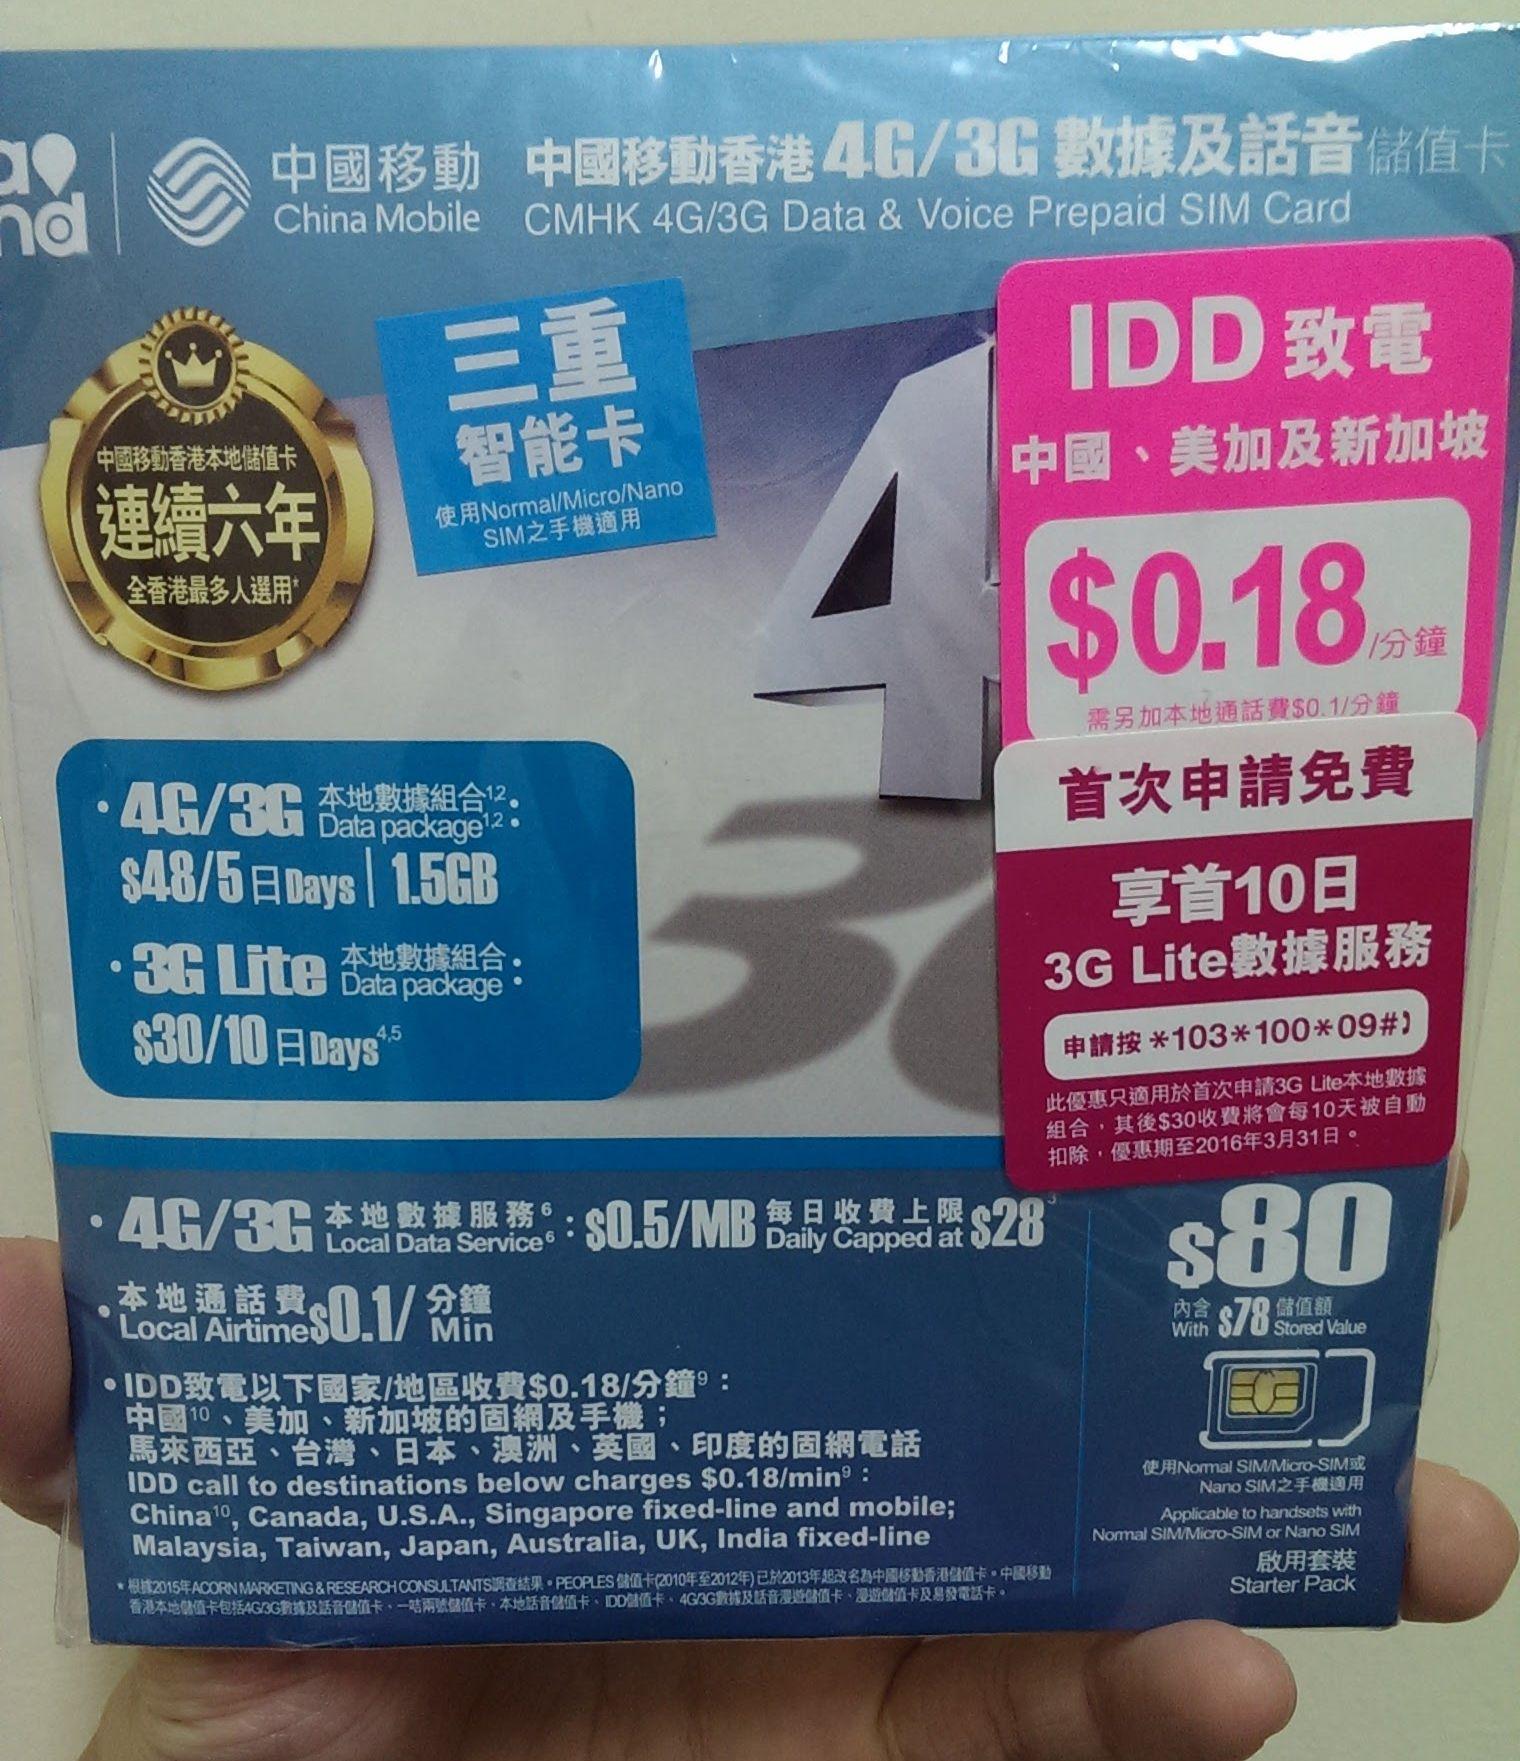 中國移動在香港發售的電話卡